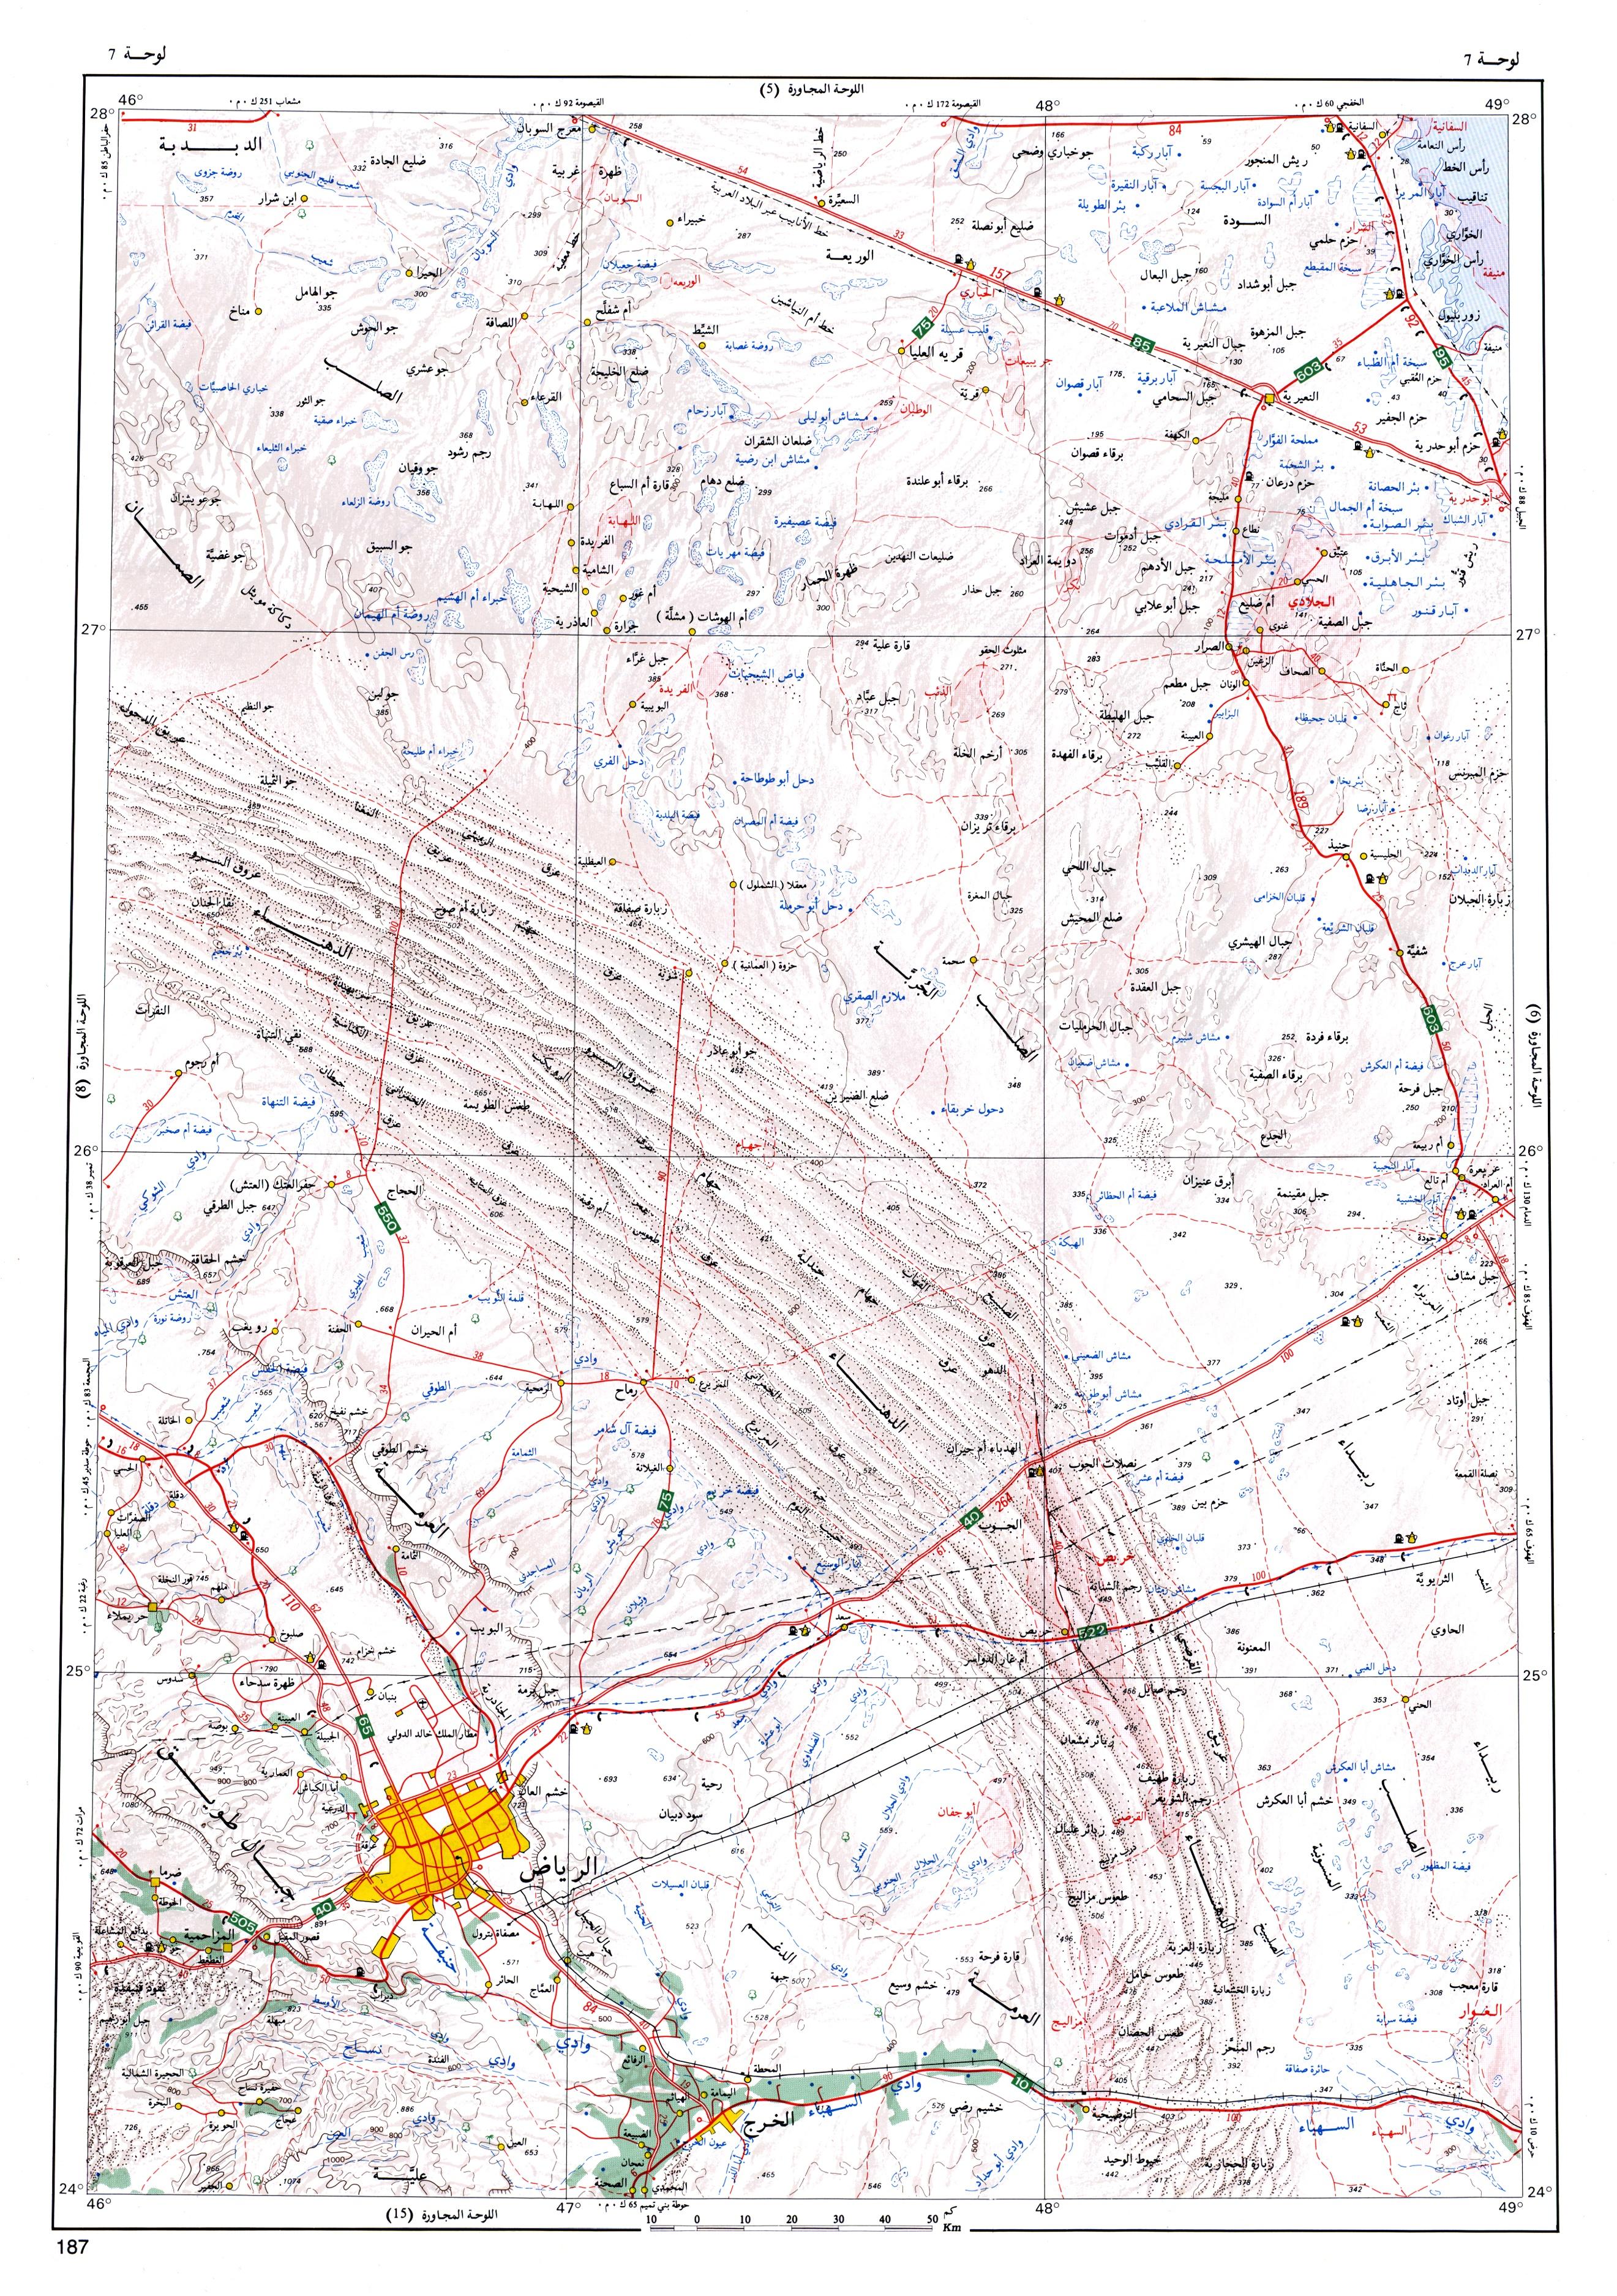 الجزيرة العربية - خرائط لمدن Fig-07